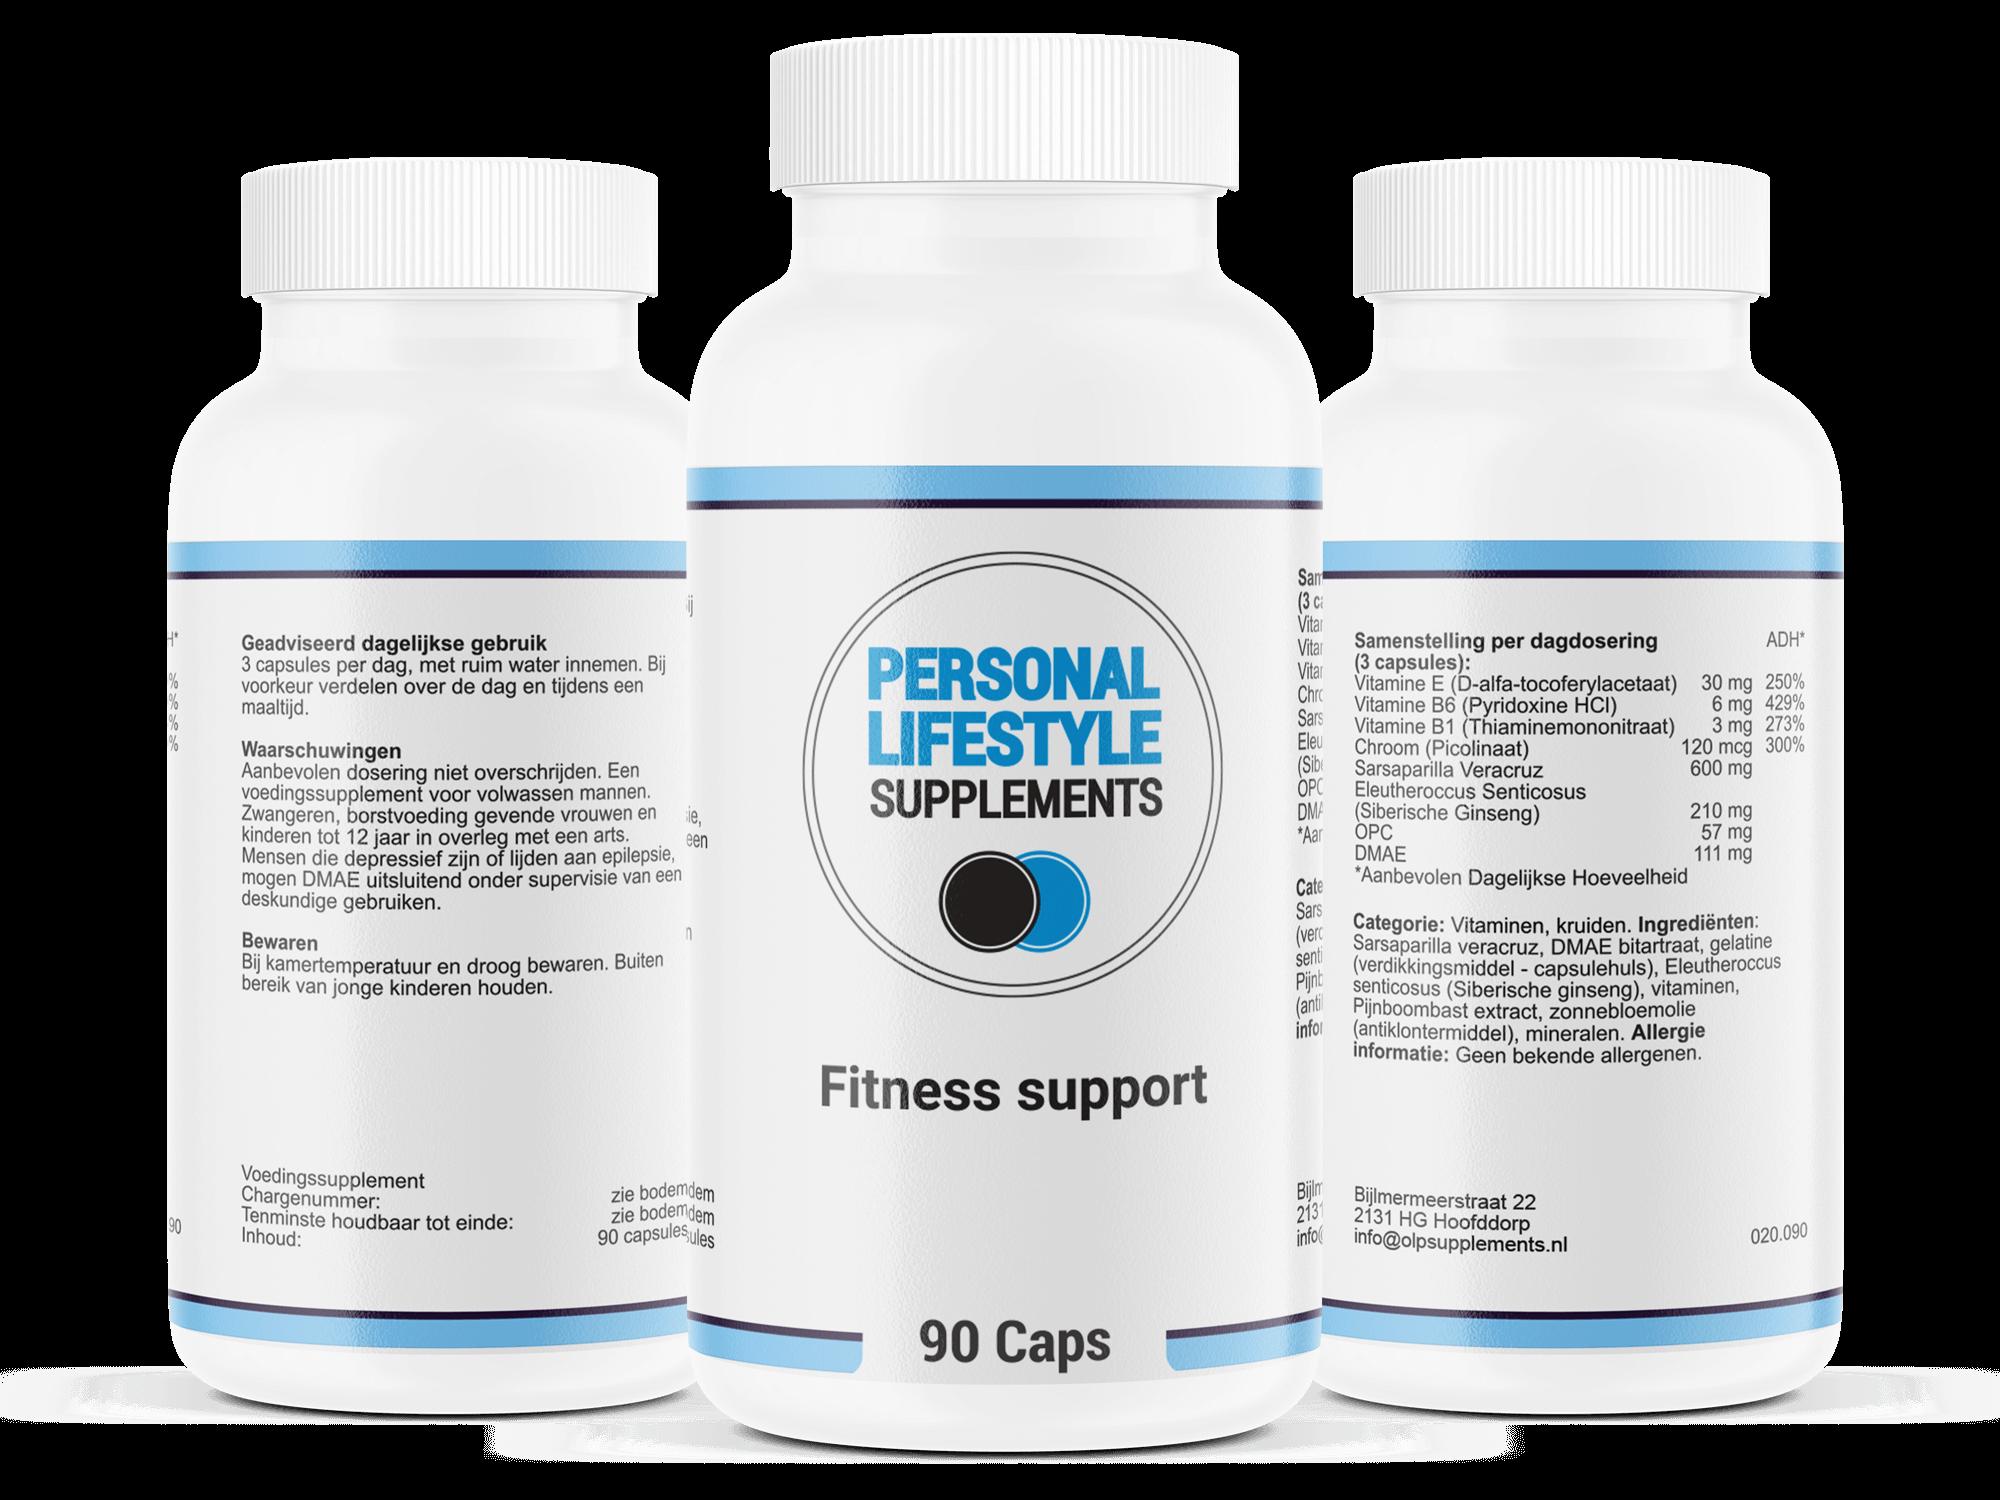 Fitness-support-artikelen-sport-supplementen-kopen-uithoudingsvermogen-spieropbouw-sportprestaties